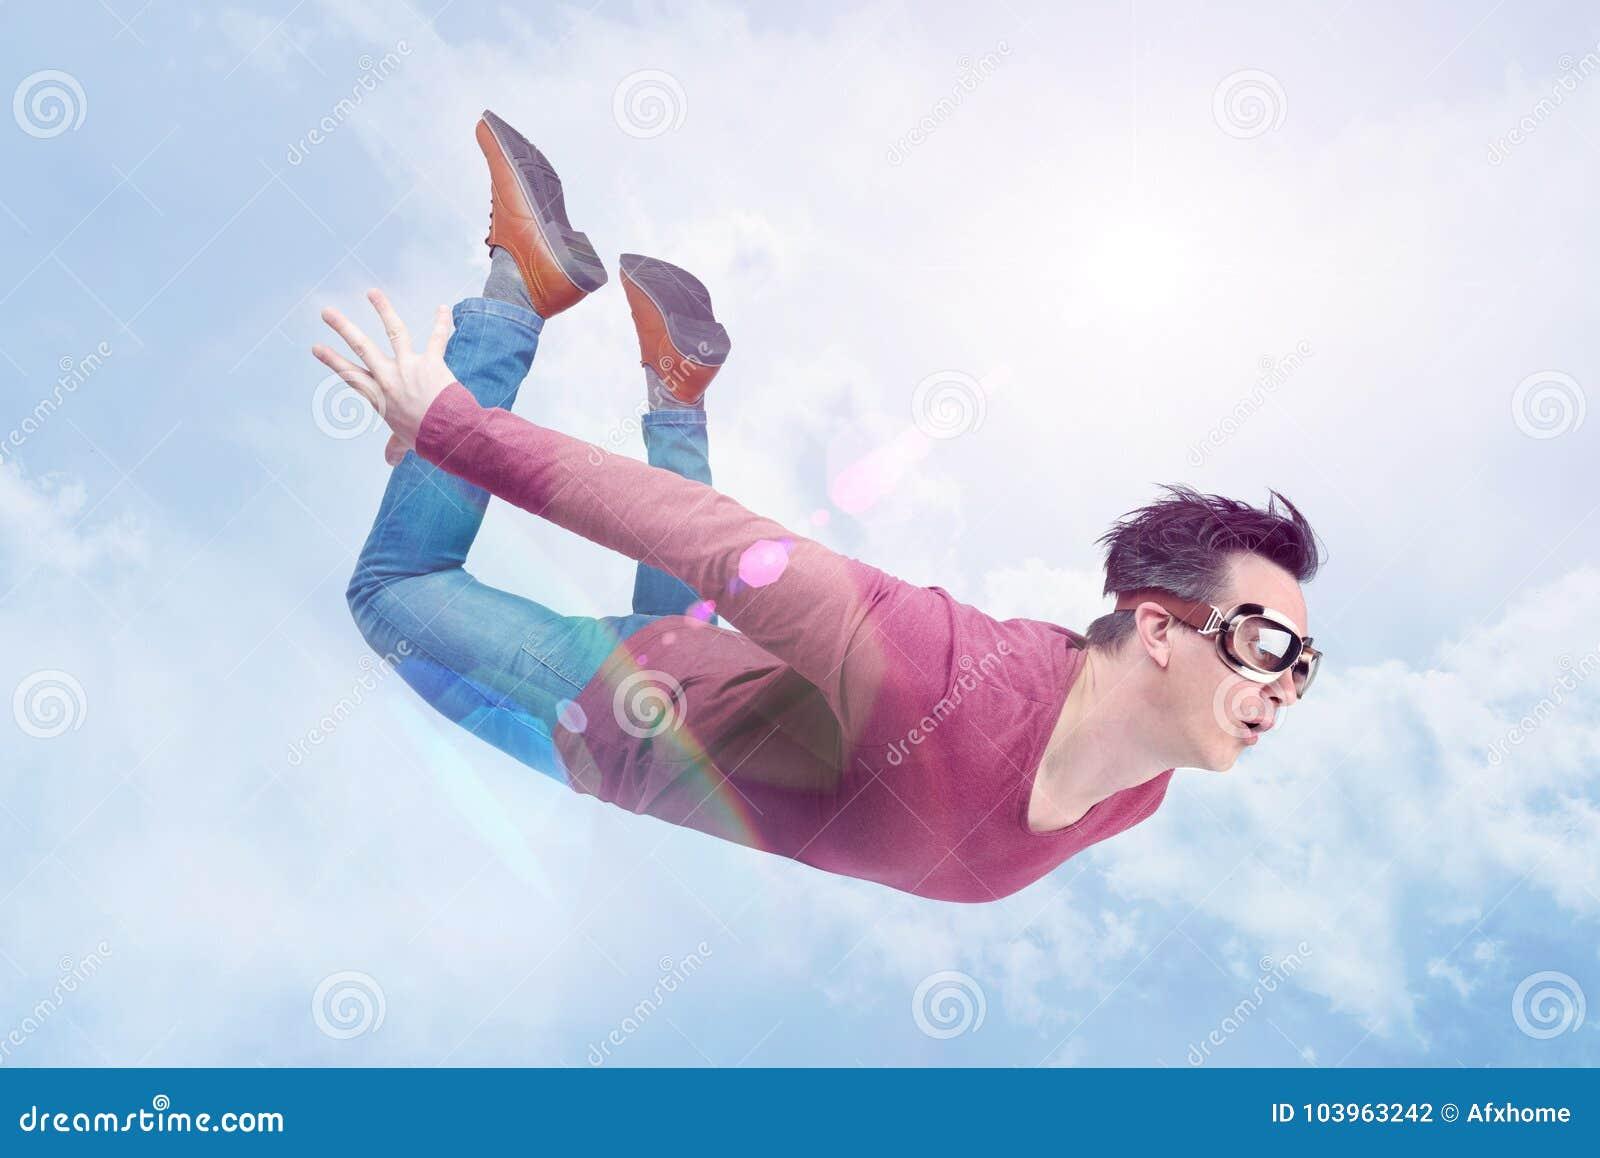 Шальной человек в изумлённых взглядах летает внутри в облачное небо Концепция шлямбура